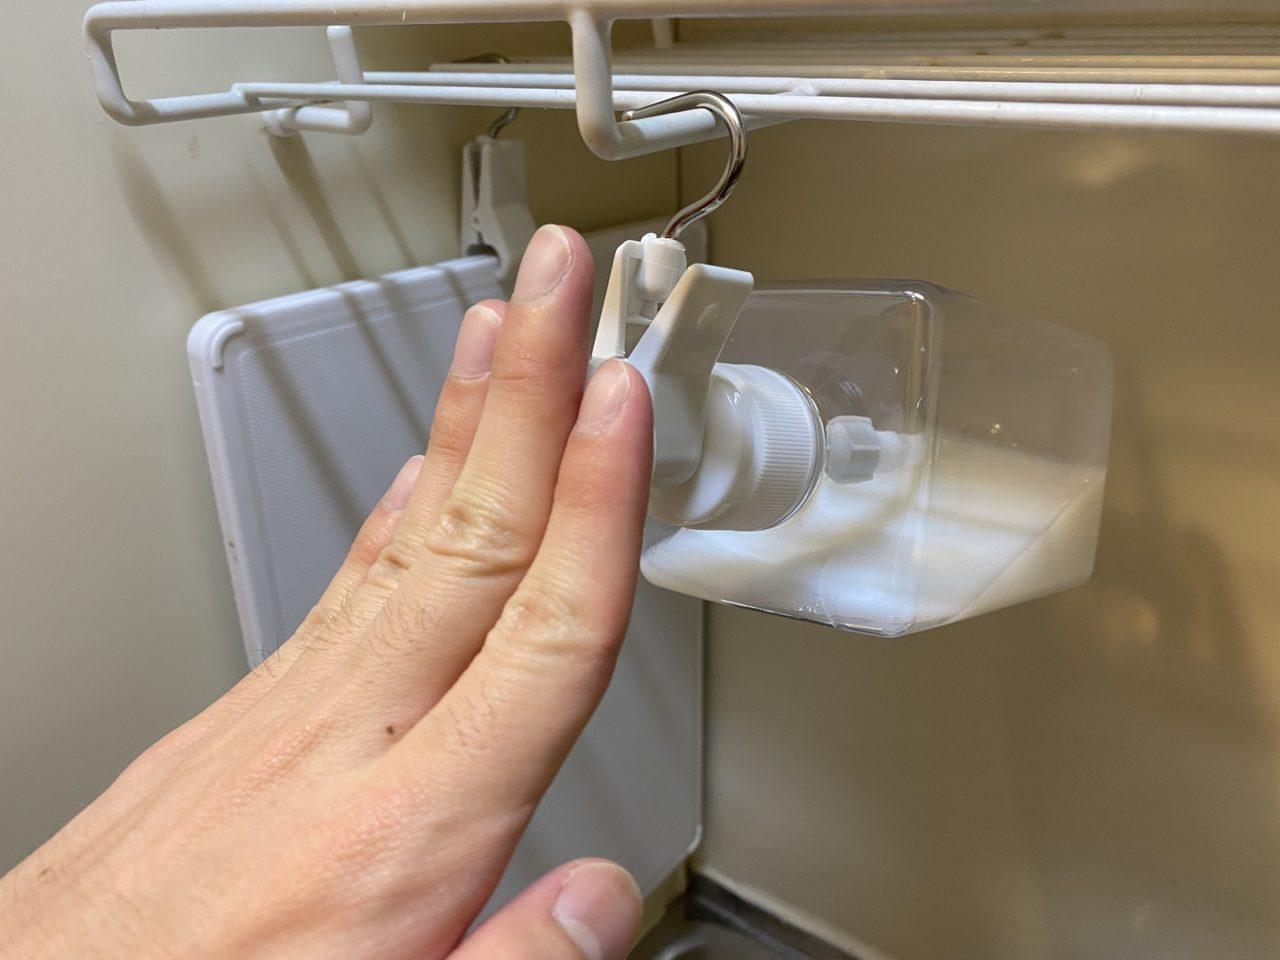 押しても出ない、洗剤